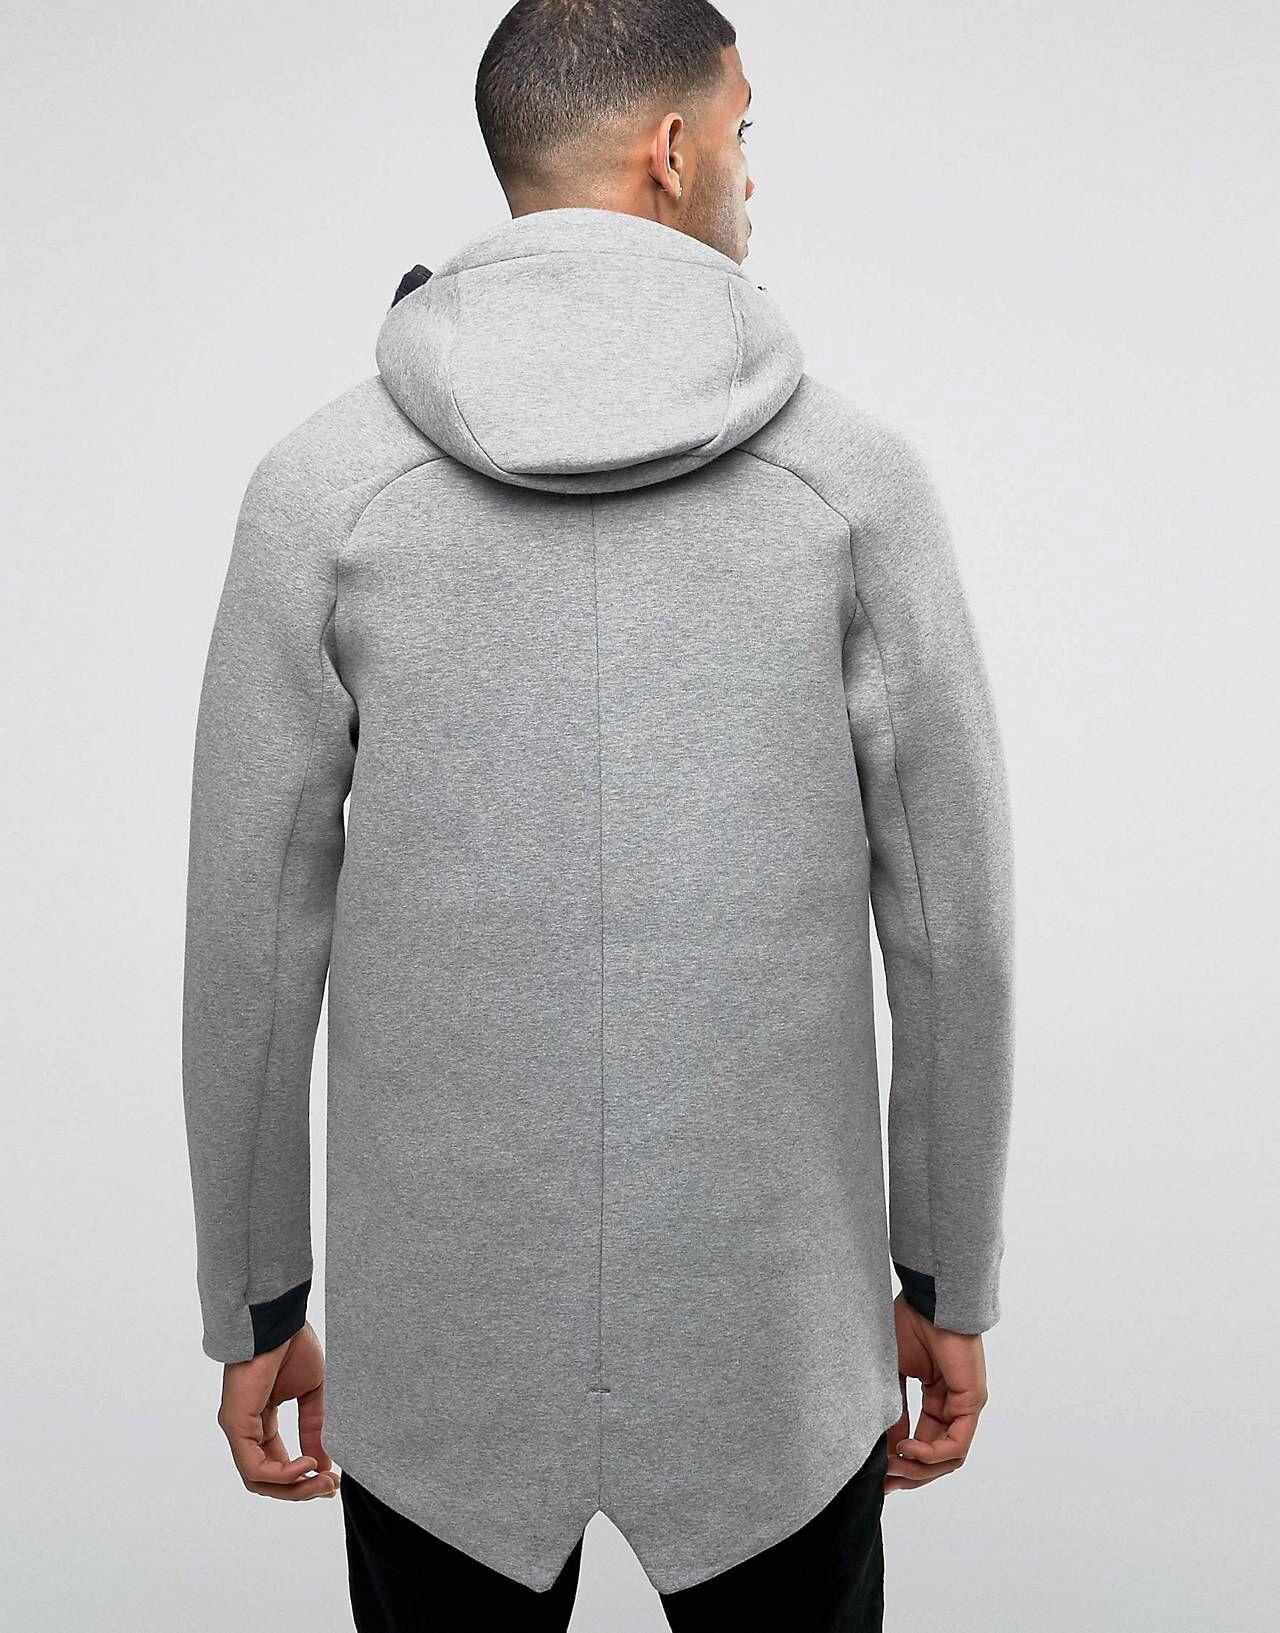 805142 091 3m Veste Technique Nike En Bandes Avec Longue Polaire q45dfdn